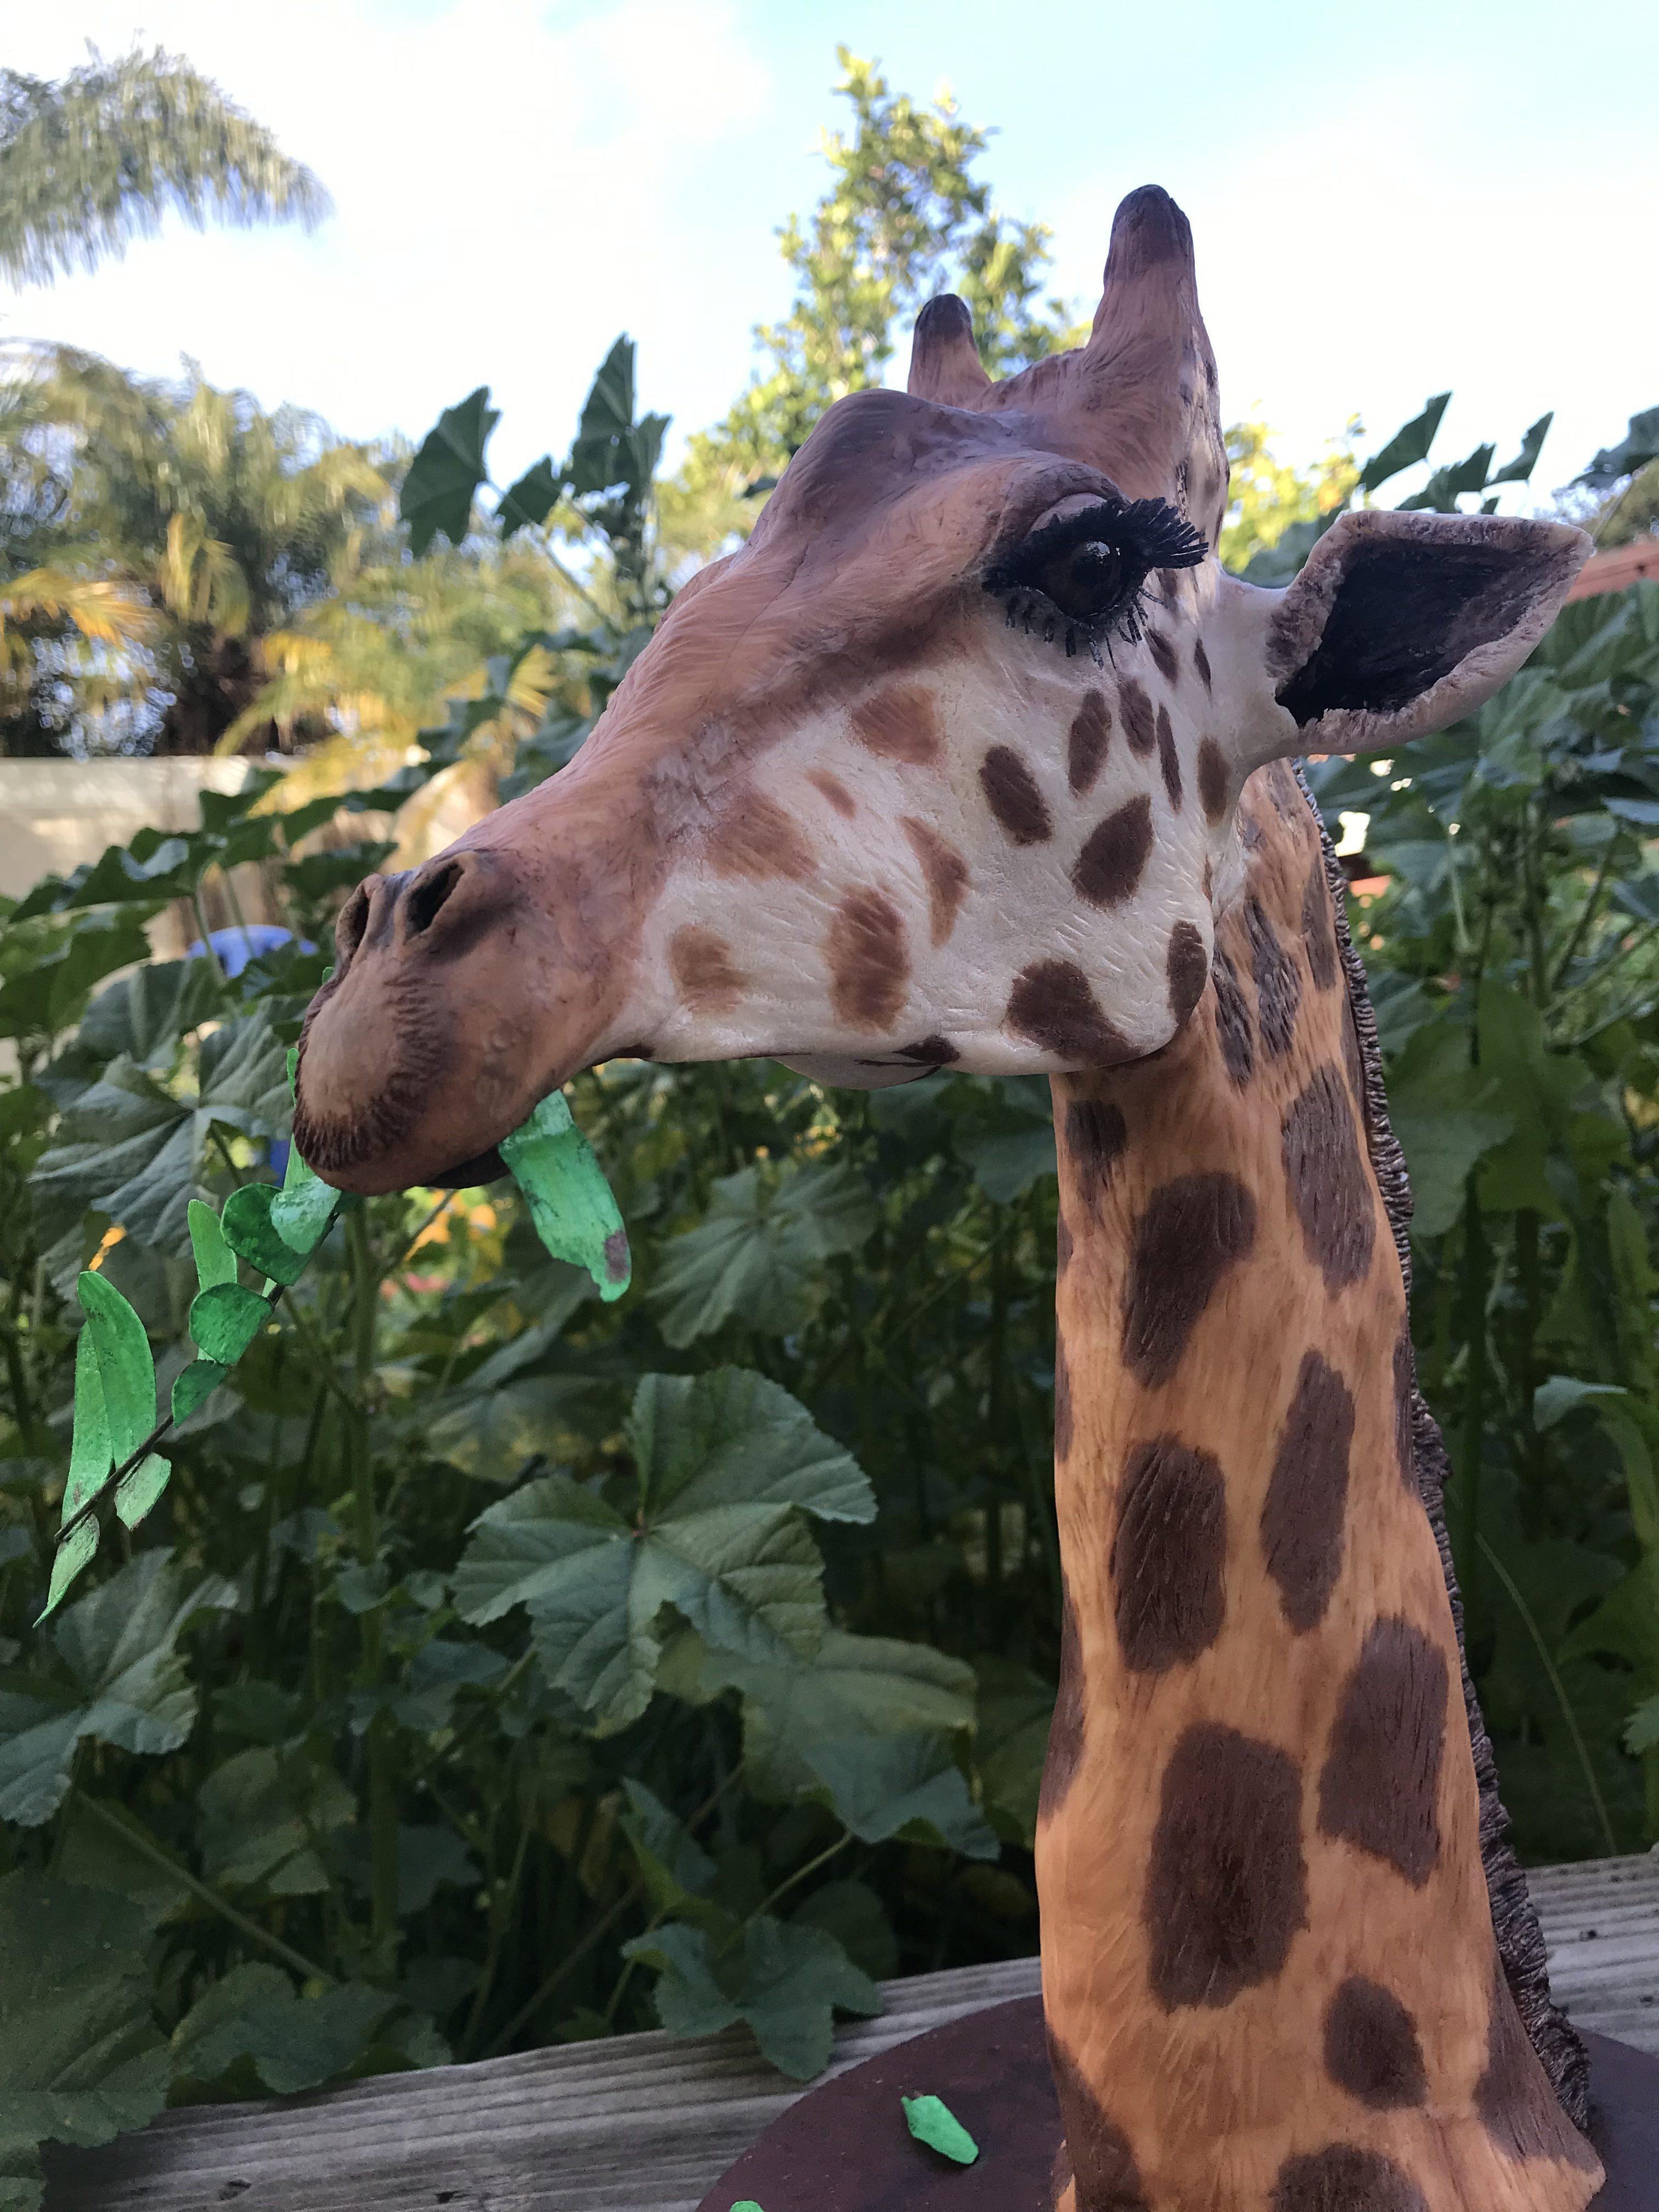 Modeling chocolate giraffe sculpture